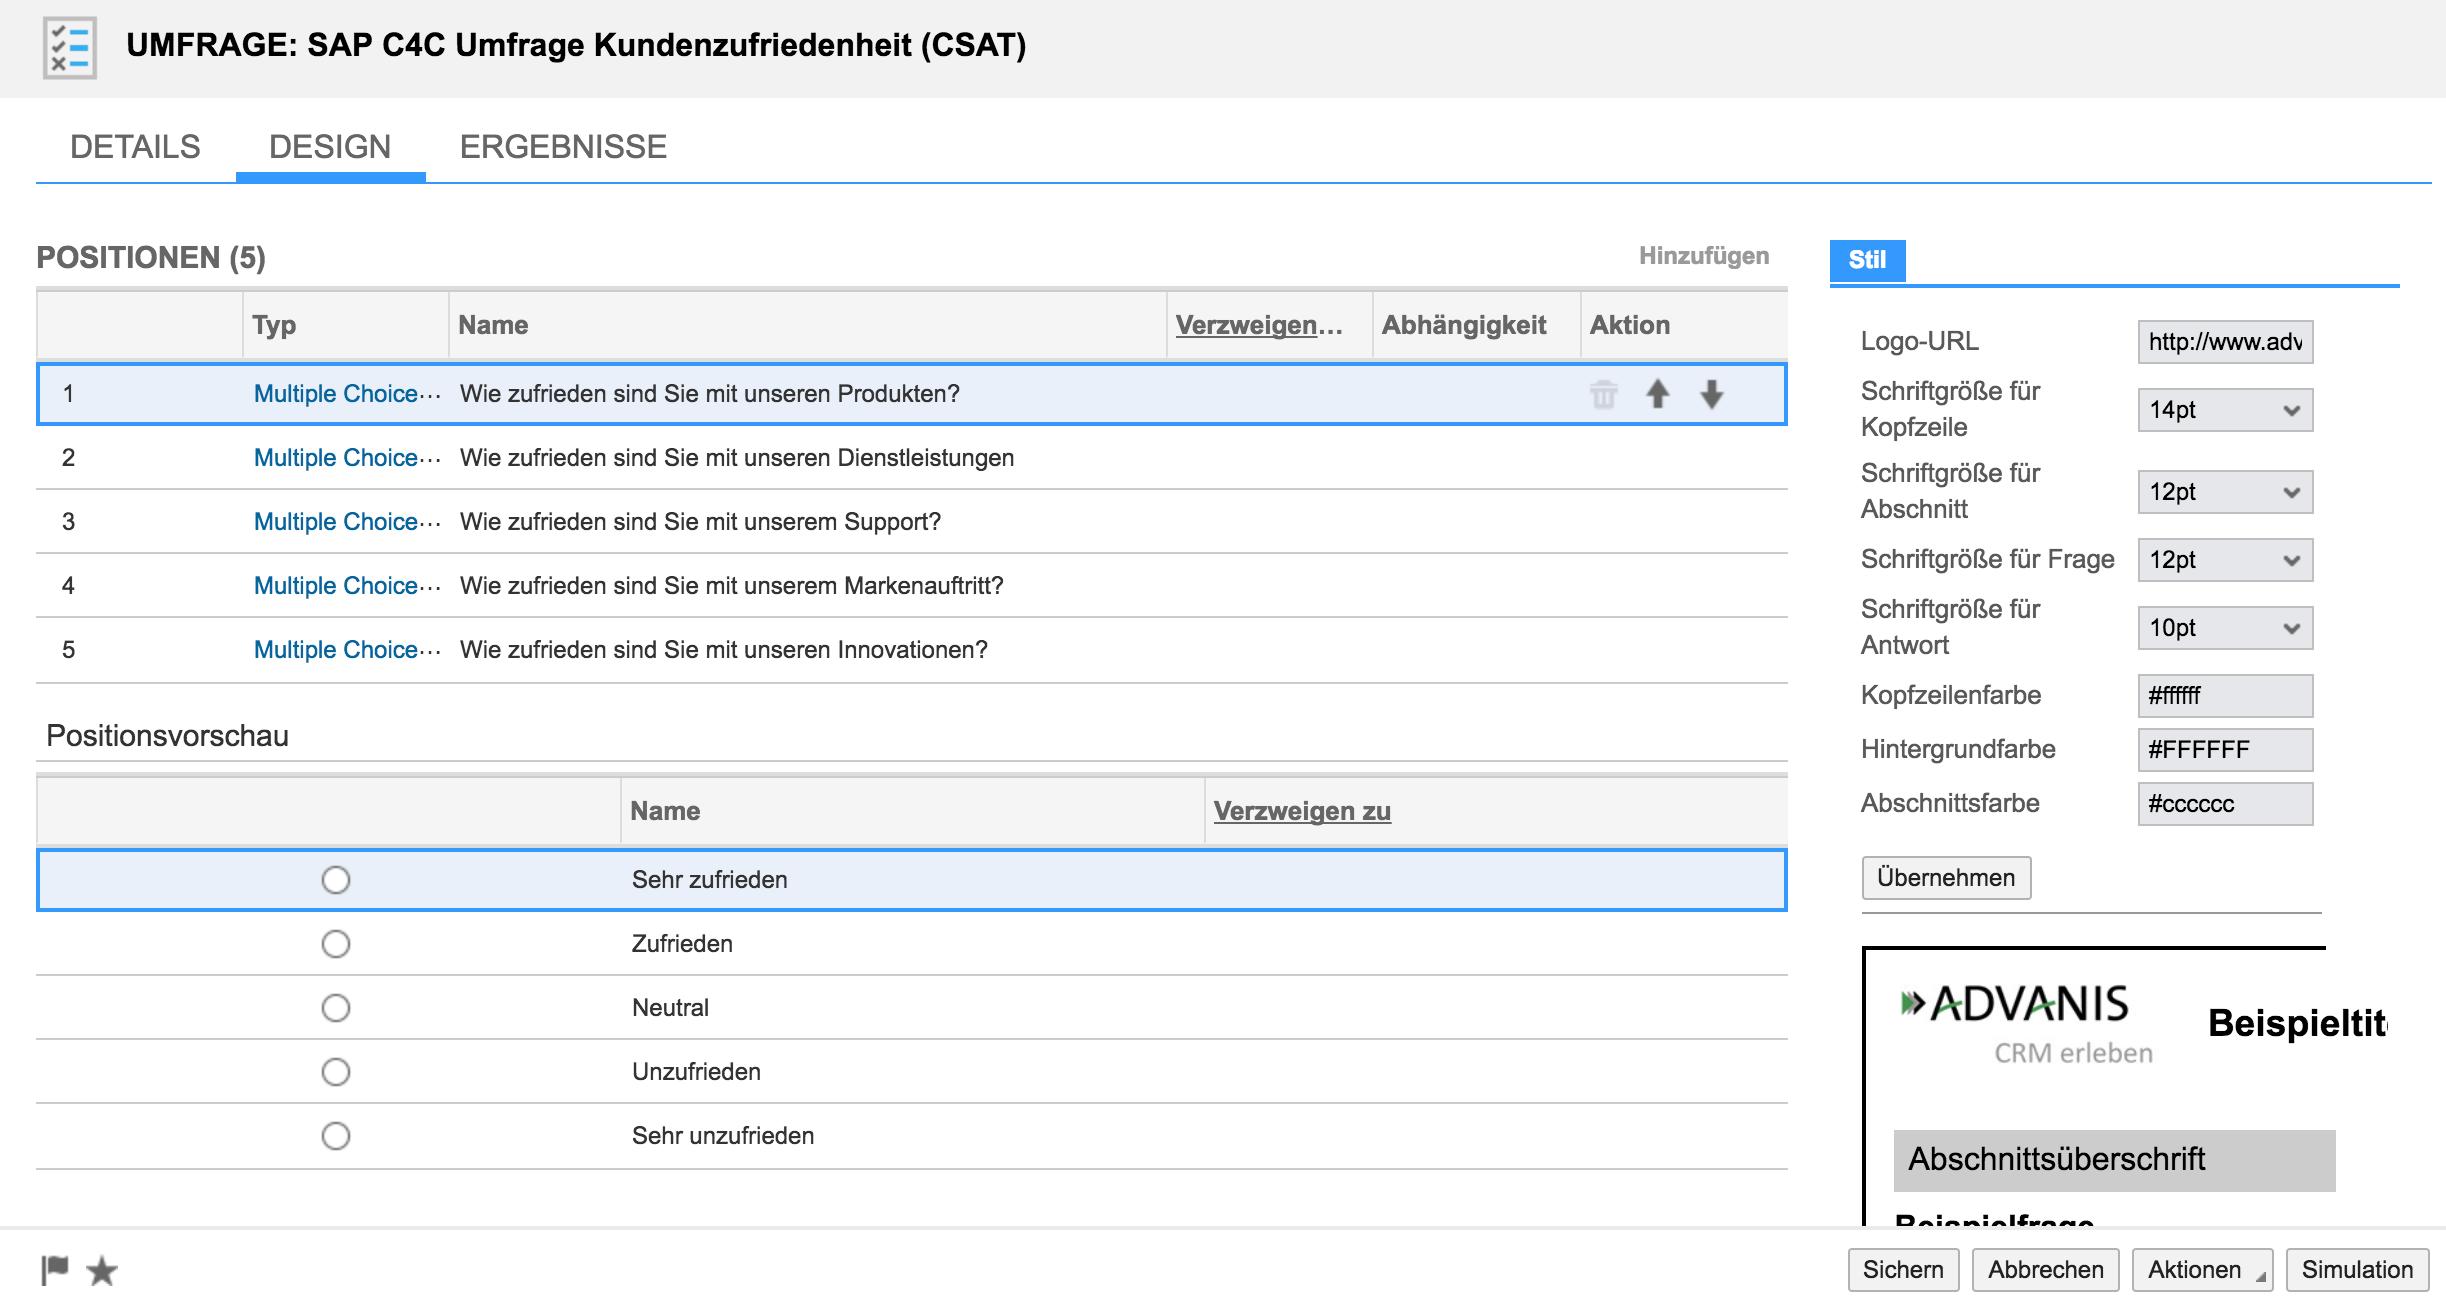 Erstellen einer Kundenzufriedenheits-Umfrage in SAP Hybris C4C